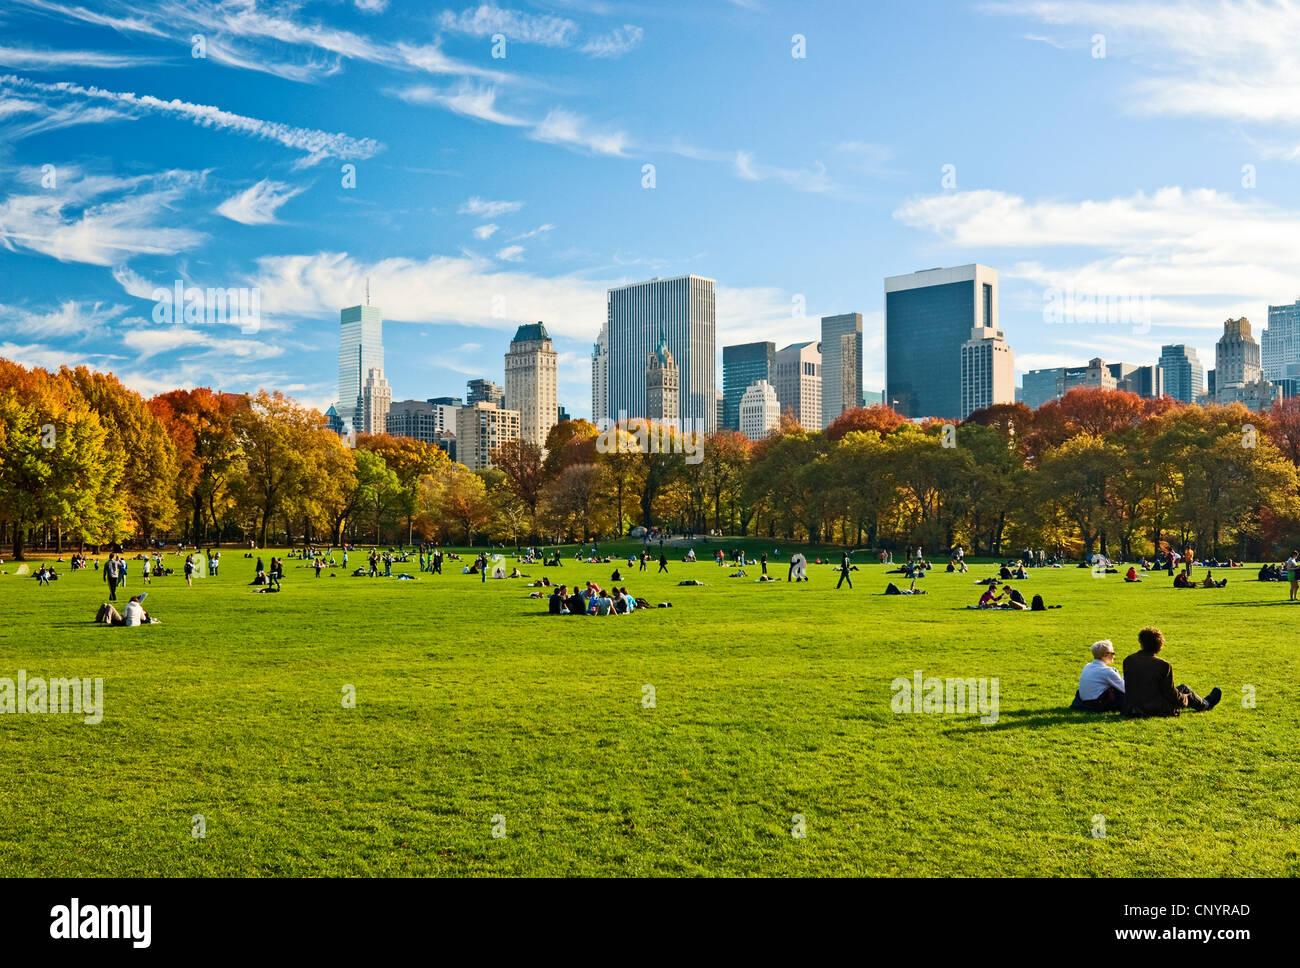 Les gens se détendre dans Central Park, New York City, à l'automne, en regardant vers l'horizon Photo Stock